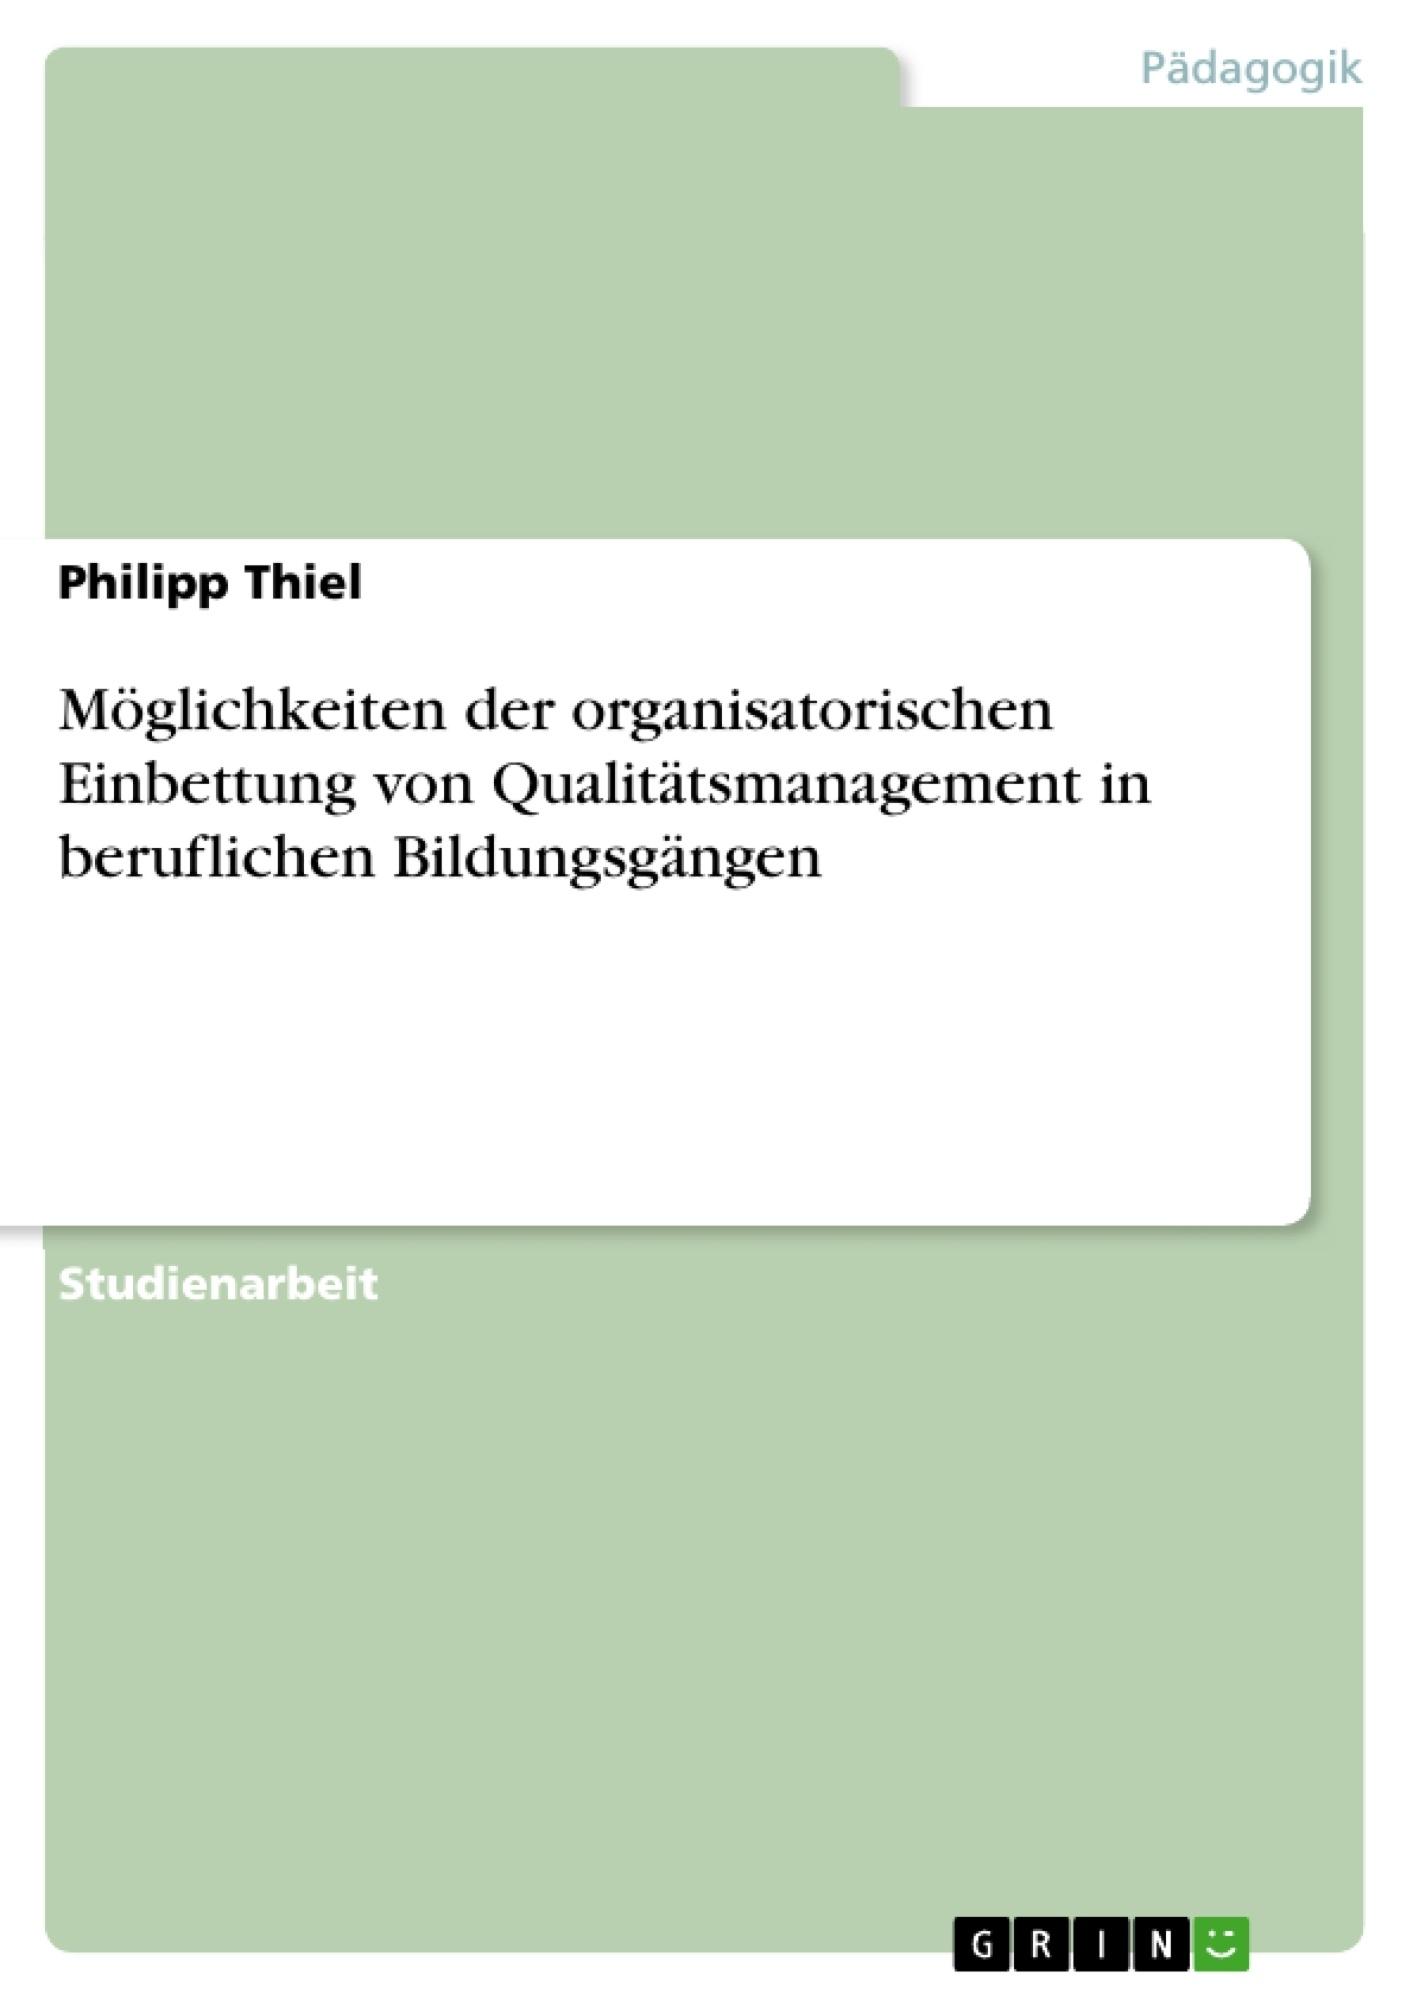 Titel: Möglichkeiten der organisatorischen Einbettung von Qualitätsmanagement in beruflichen Bildungsgängen